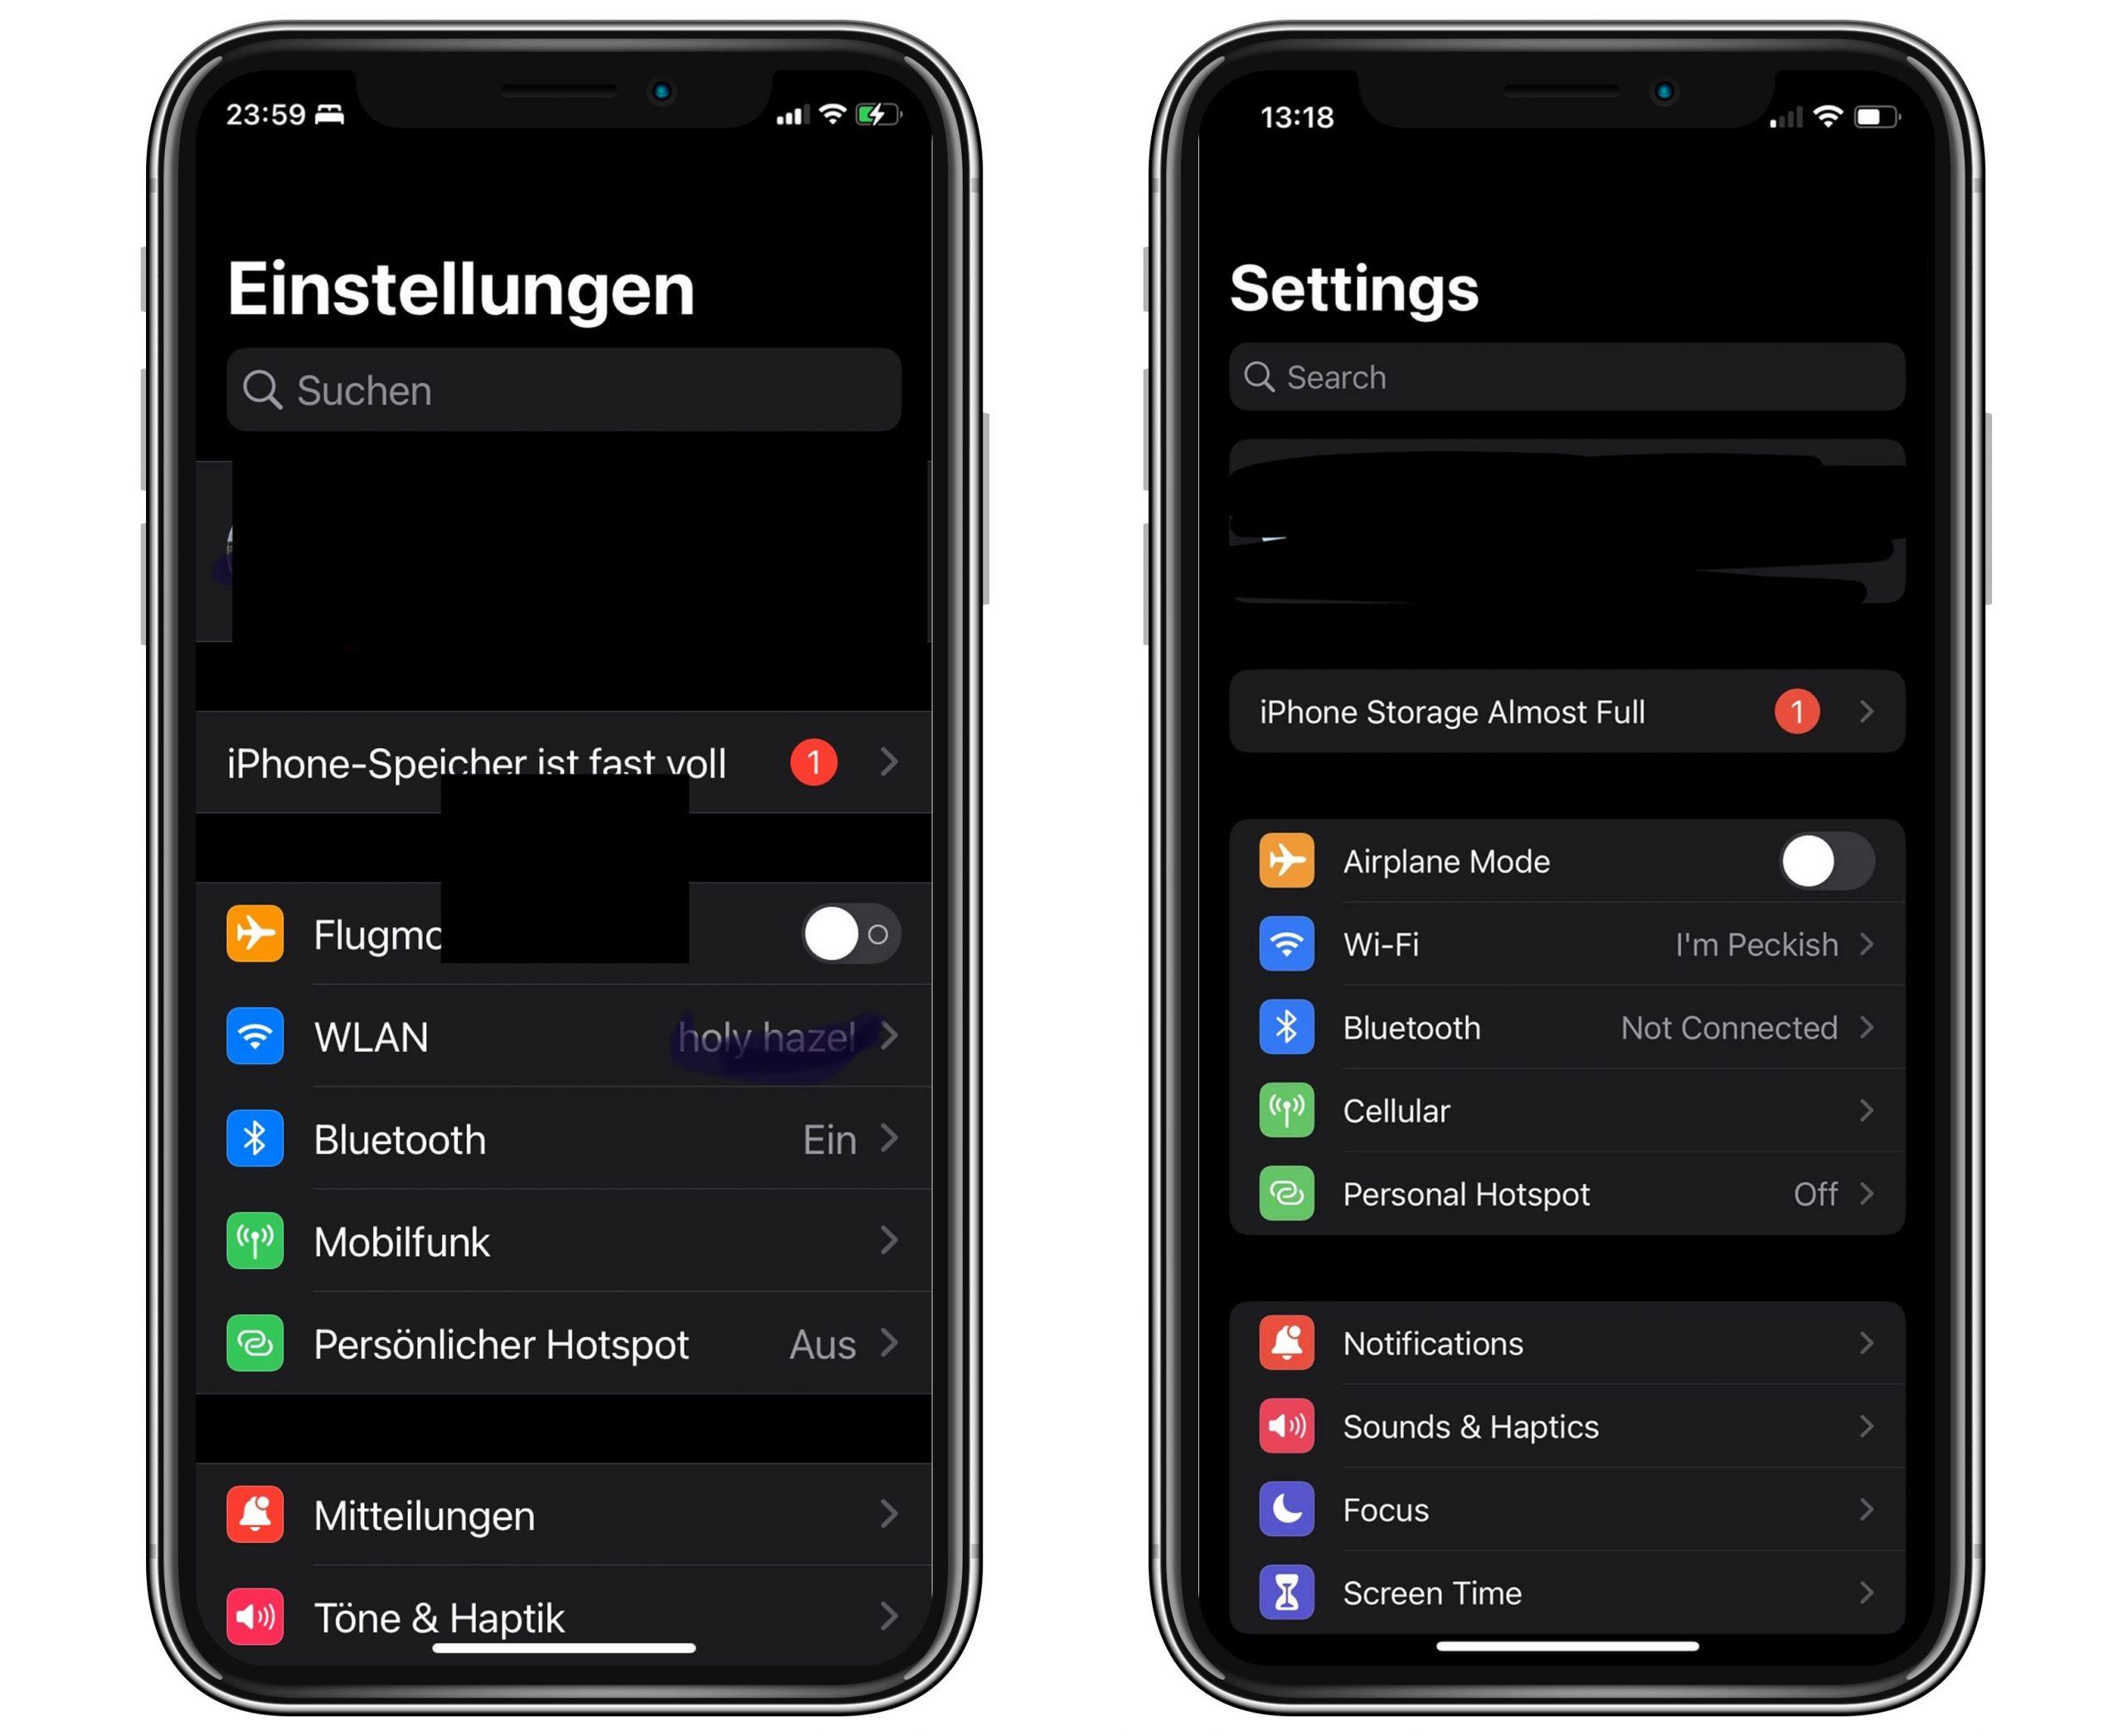 """iPhone Speicher fast voll: iOS 15 mit großen """"Systemdaten"""" und falscher Speicherplatz-Warnung"""